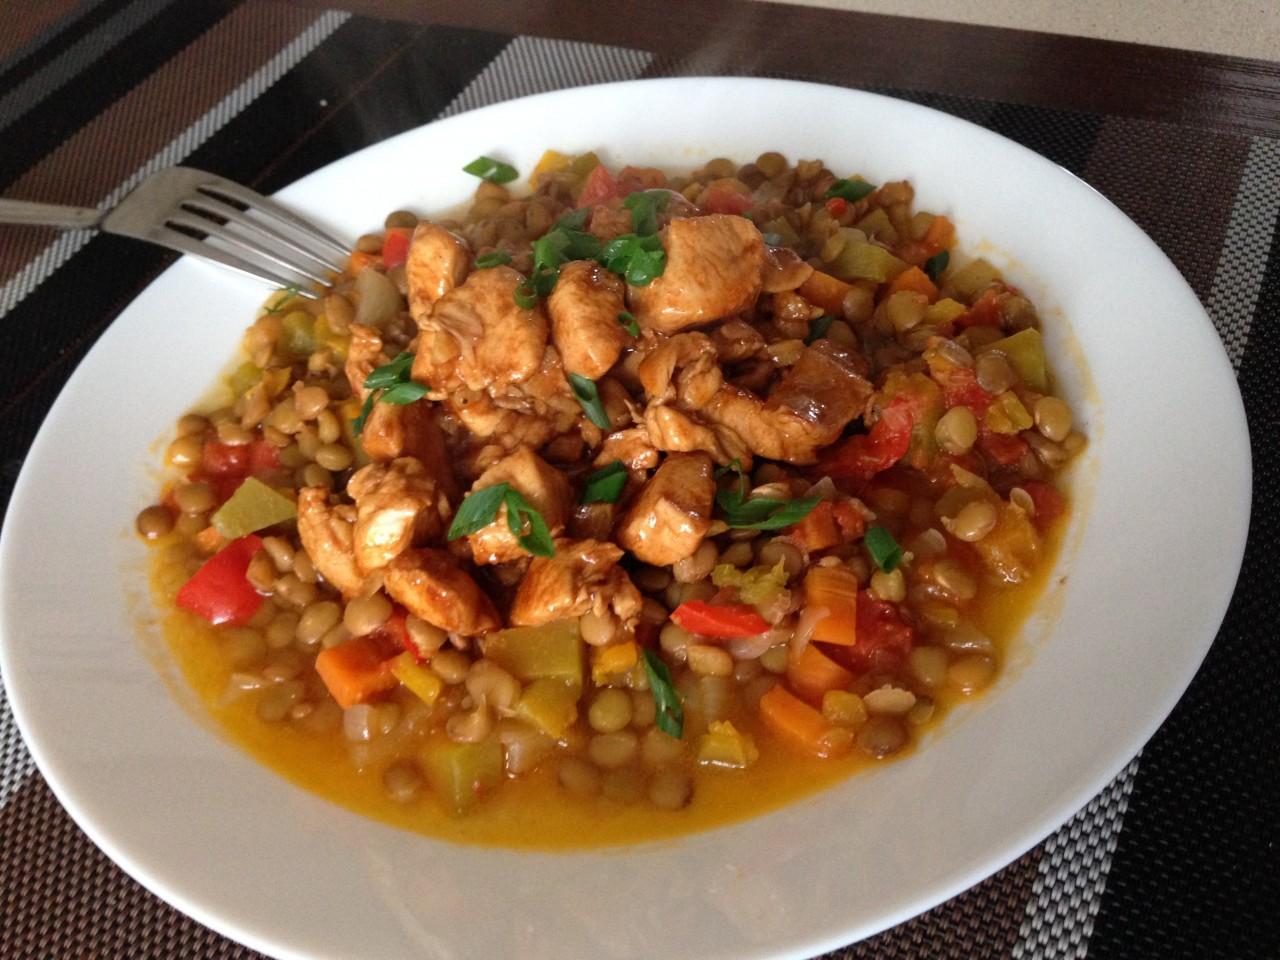 Аппетитная чечевица, тушеная с куриным филе и овощами